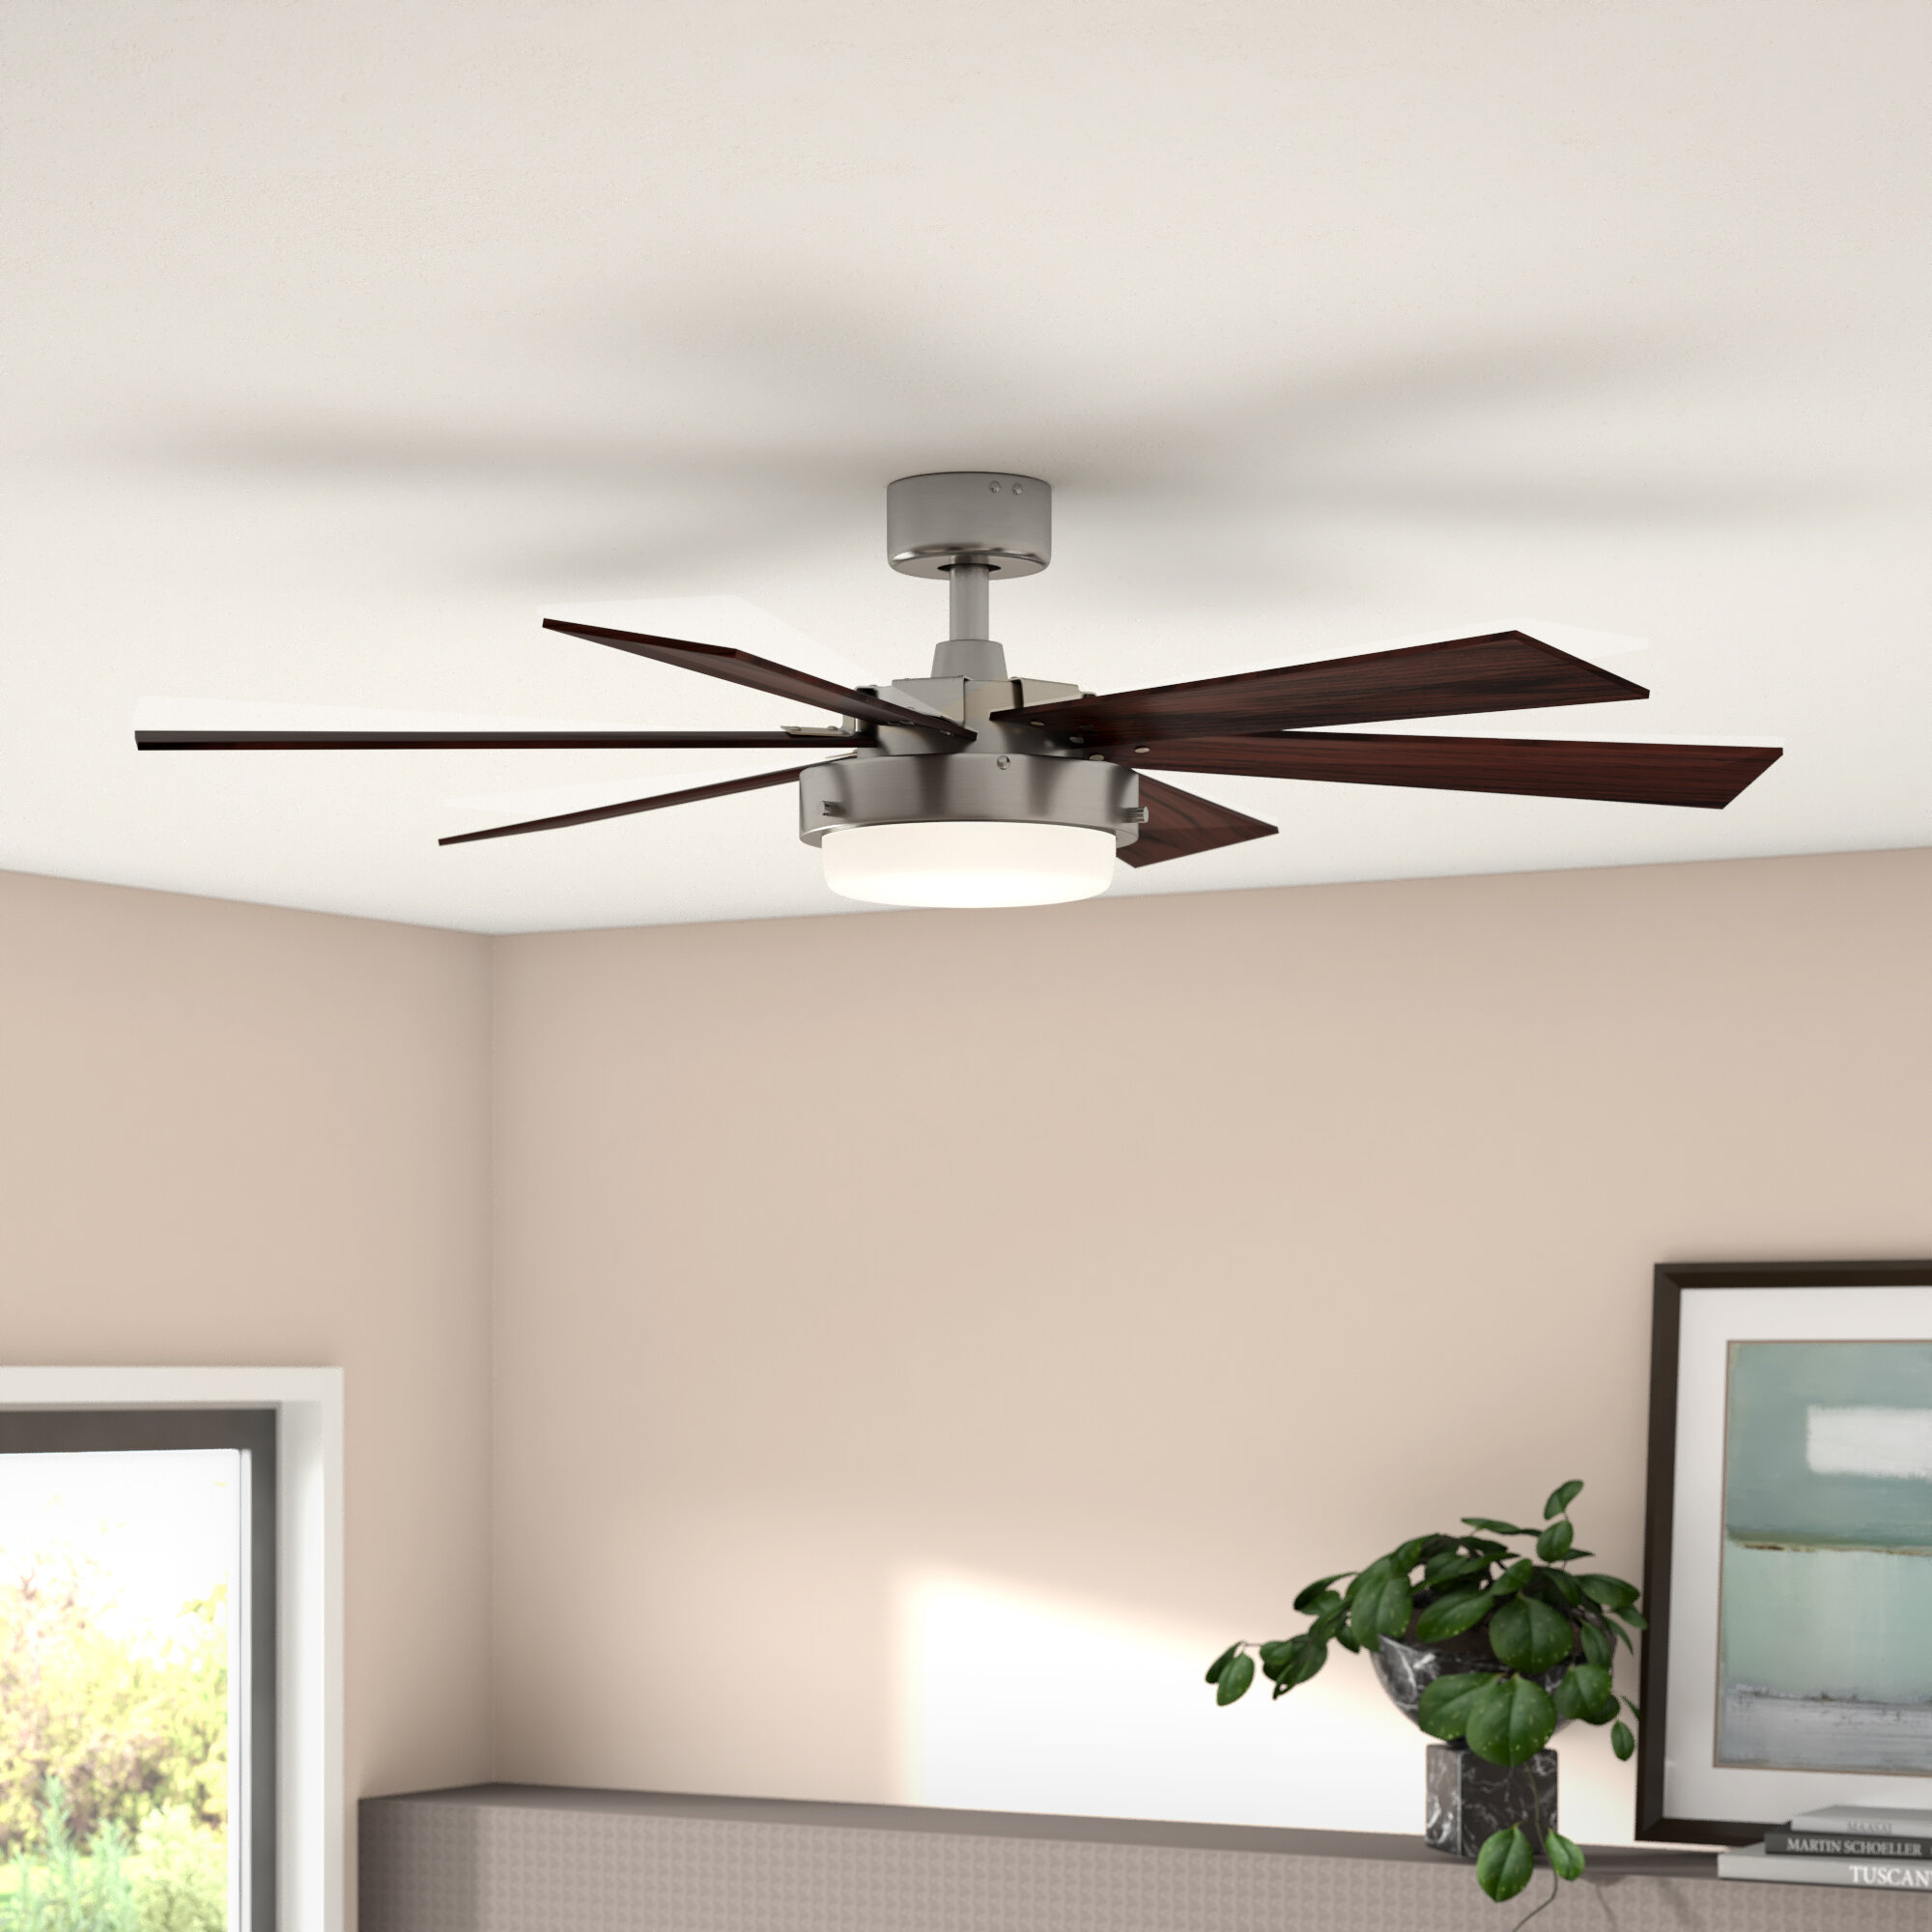 Ceiling Fan Switch Housing Assembly On Hunter Fan Wiring Harness